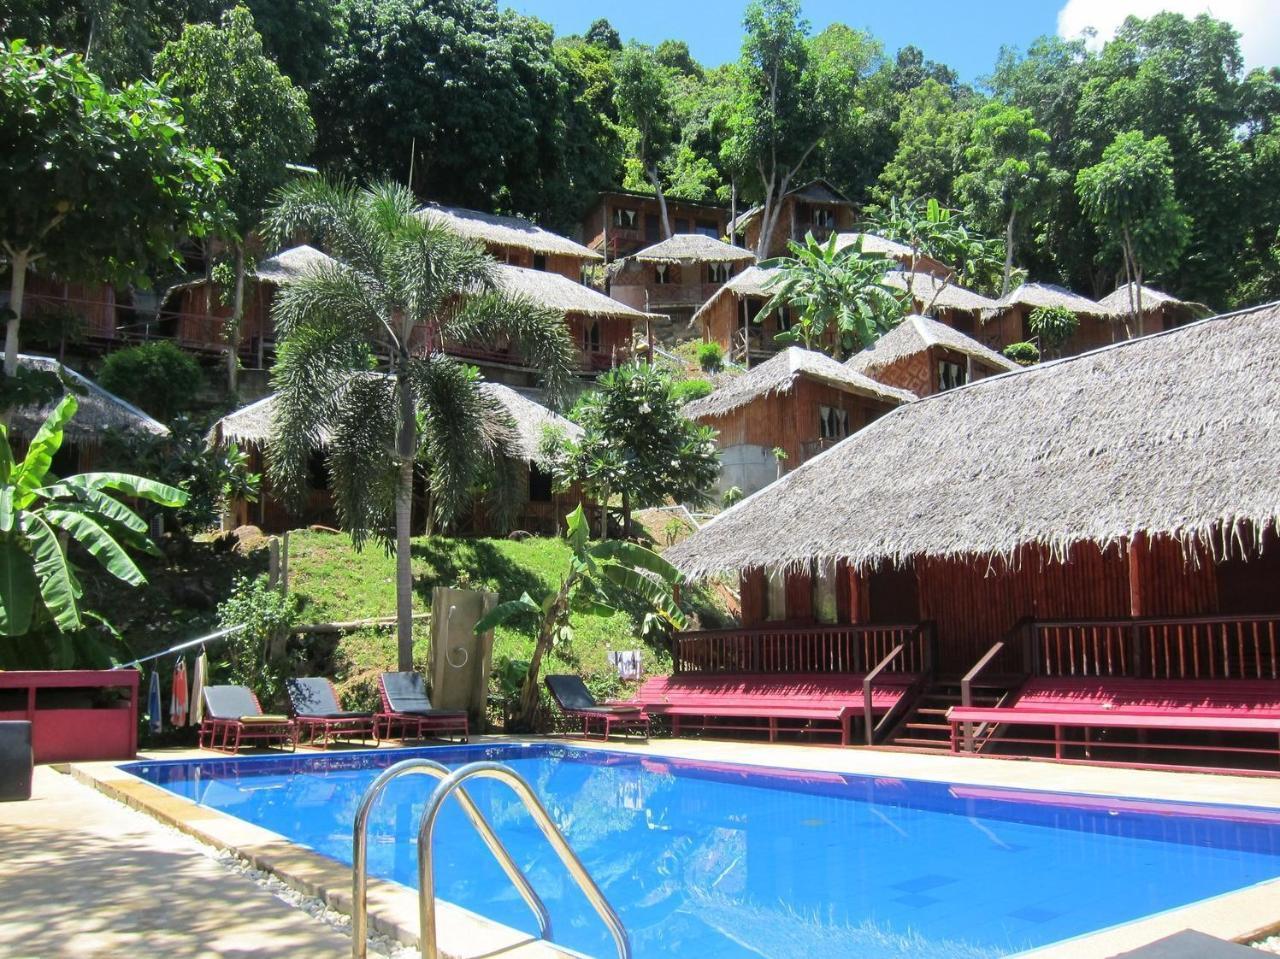 แบมบู เมาน์เทนวิว พีพี รีสอร์ท (Bamboo Mountain View Phi Phi Resort)